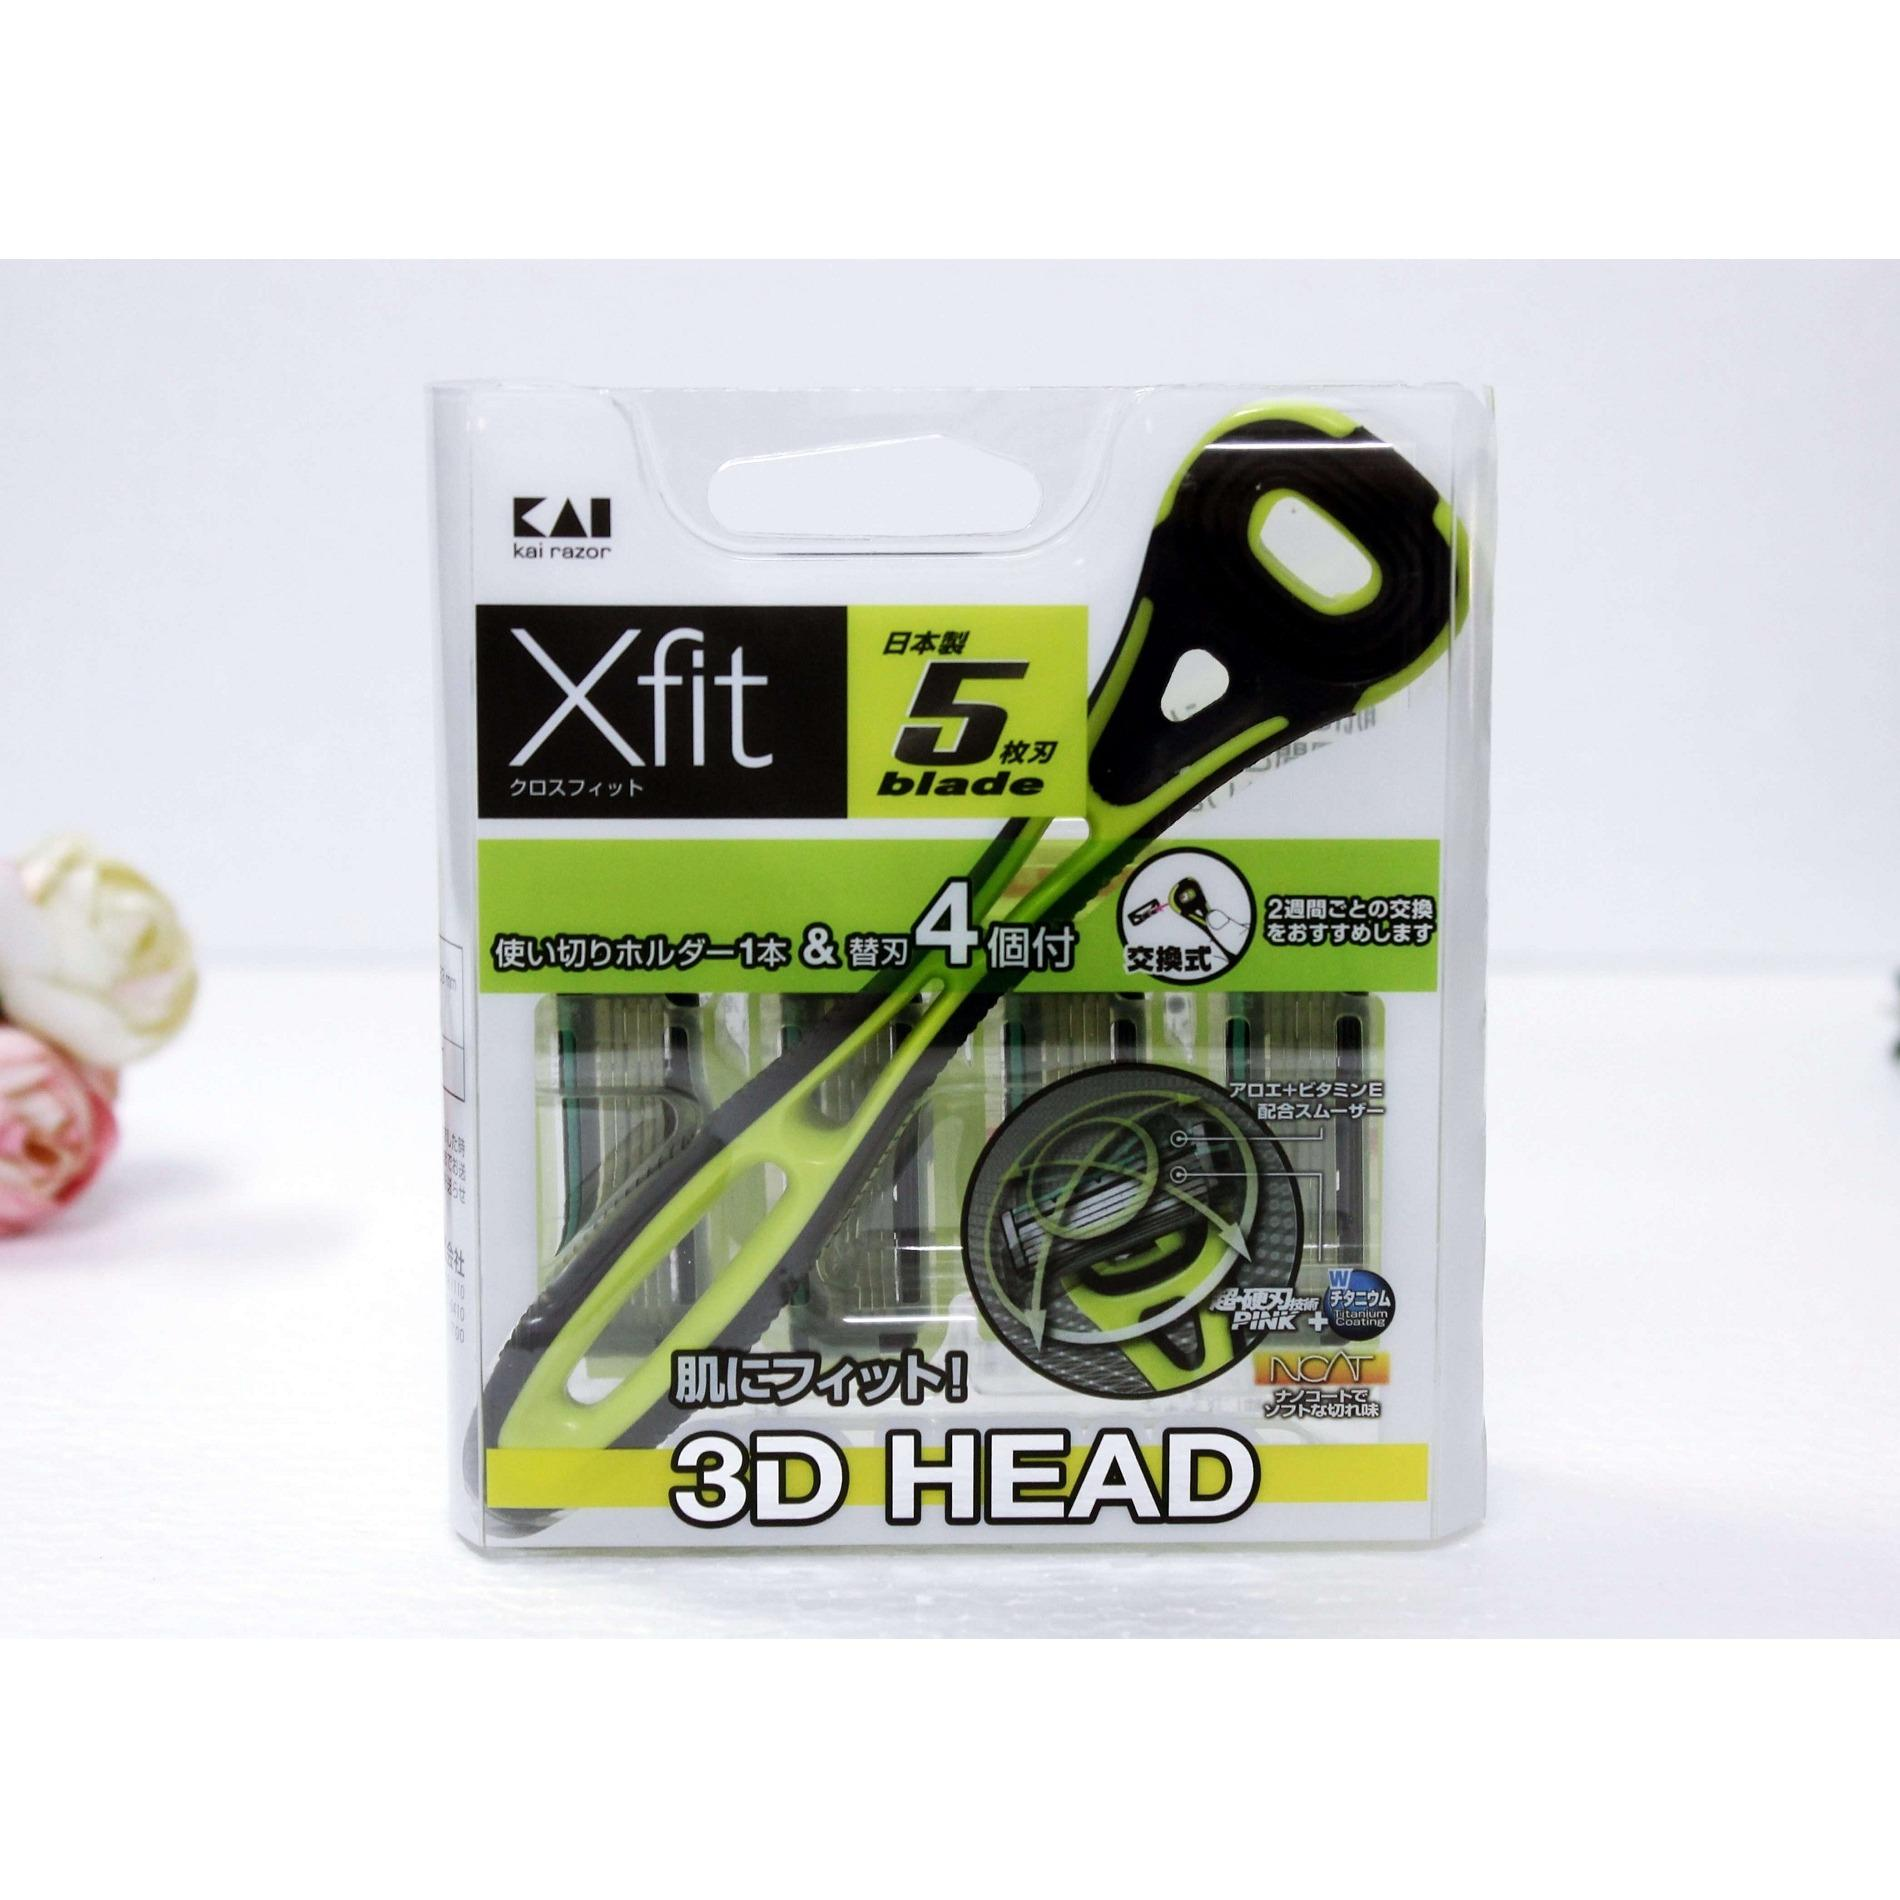 Bộ Dao cạo râu 5 lưỡi kép Xfit KAI (1 thân, 4 lưỡi thay thế) hàng Nhật Bản